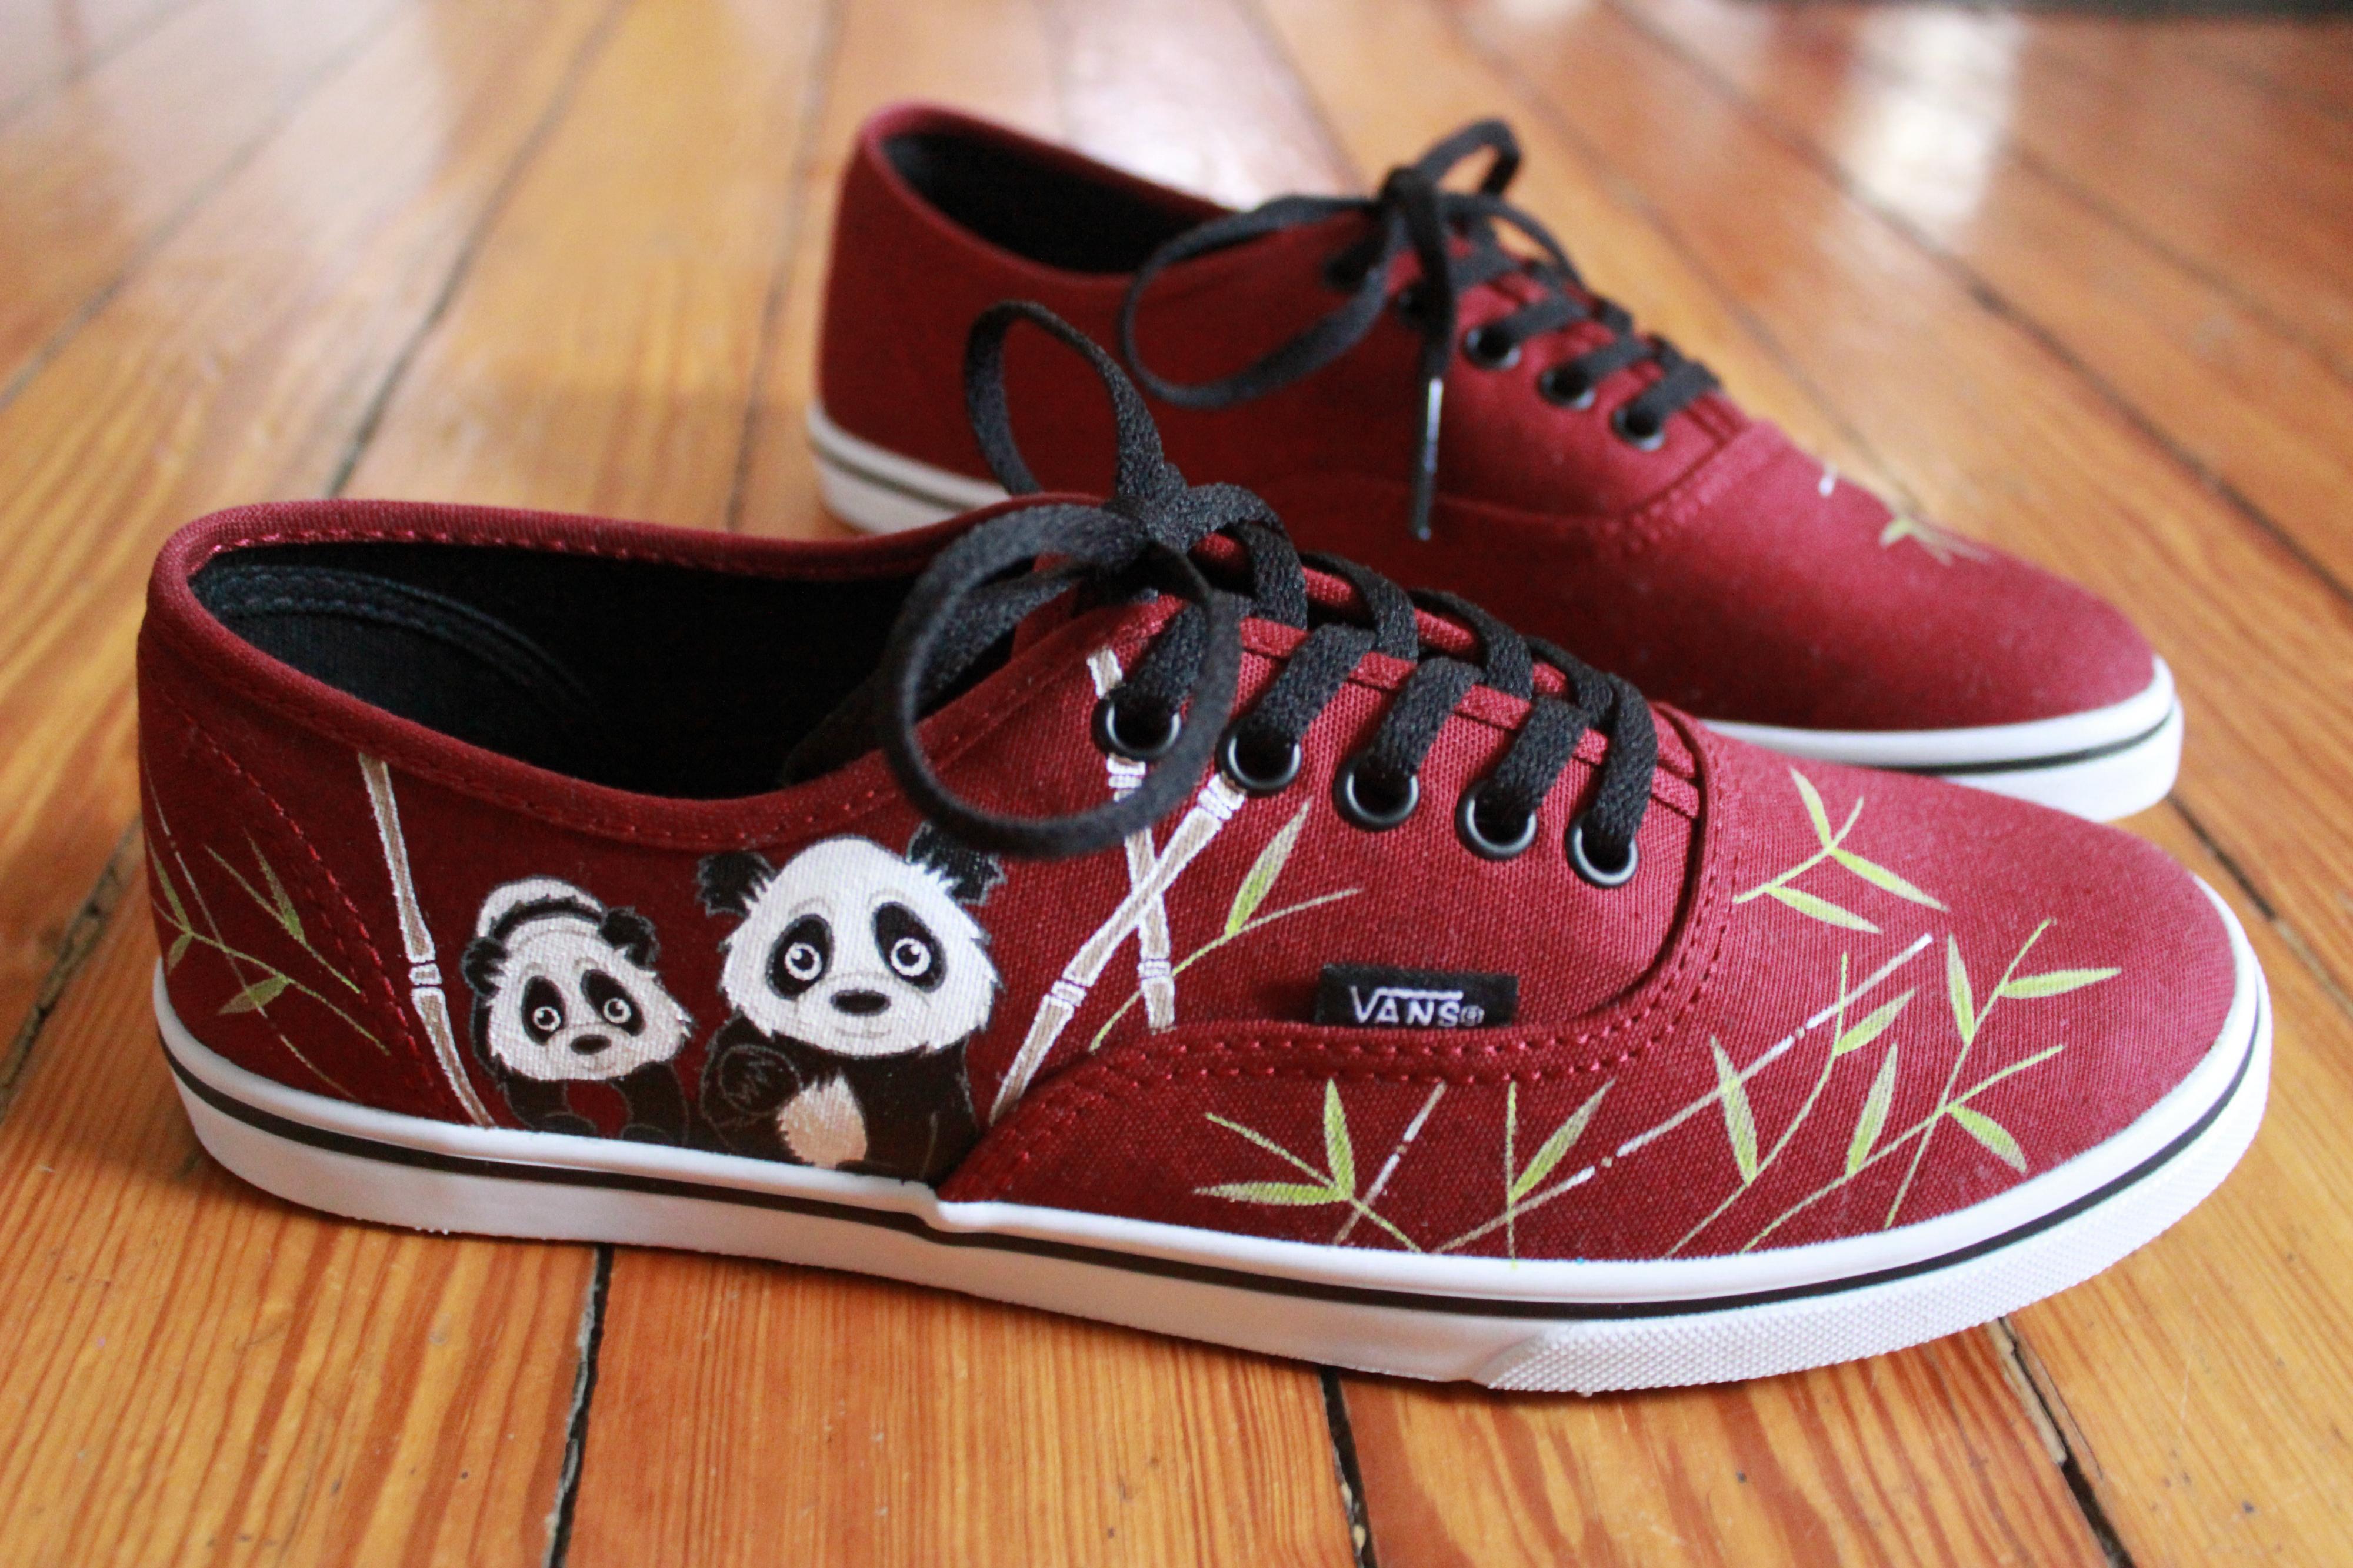 Vans Shoes St Louis